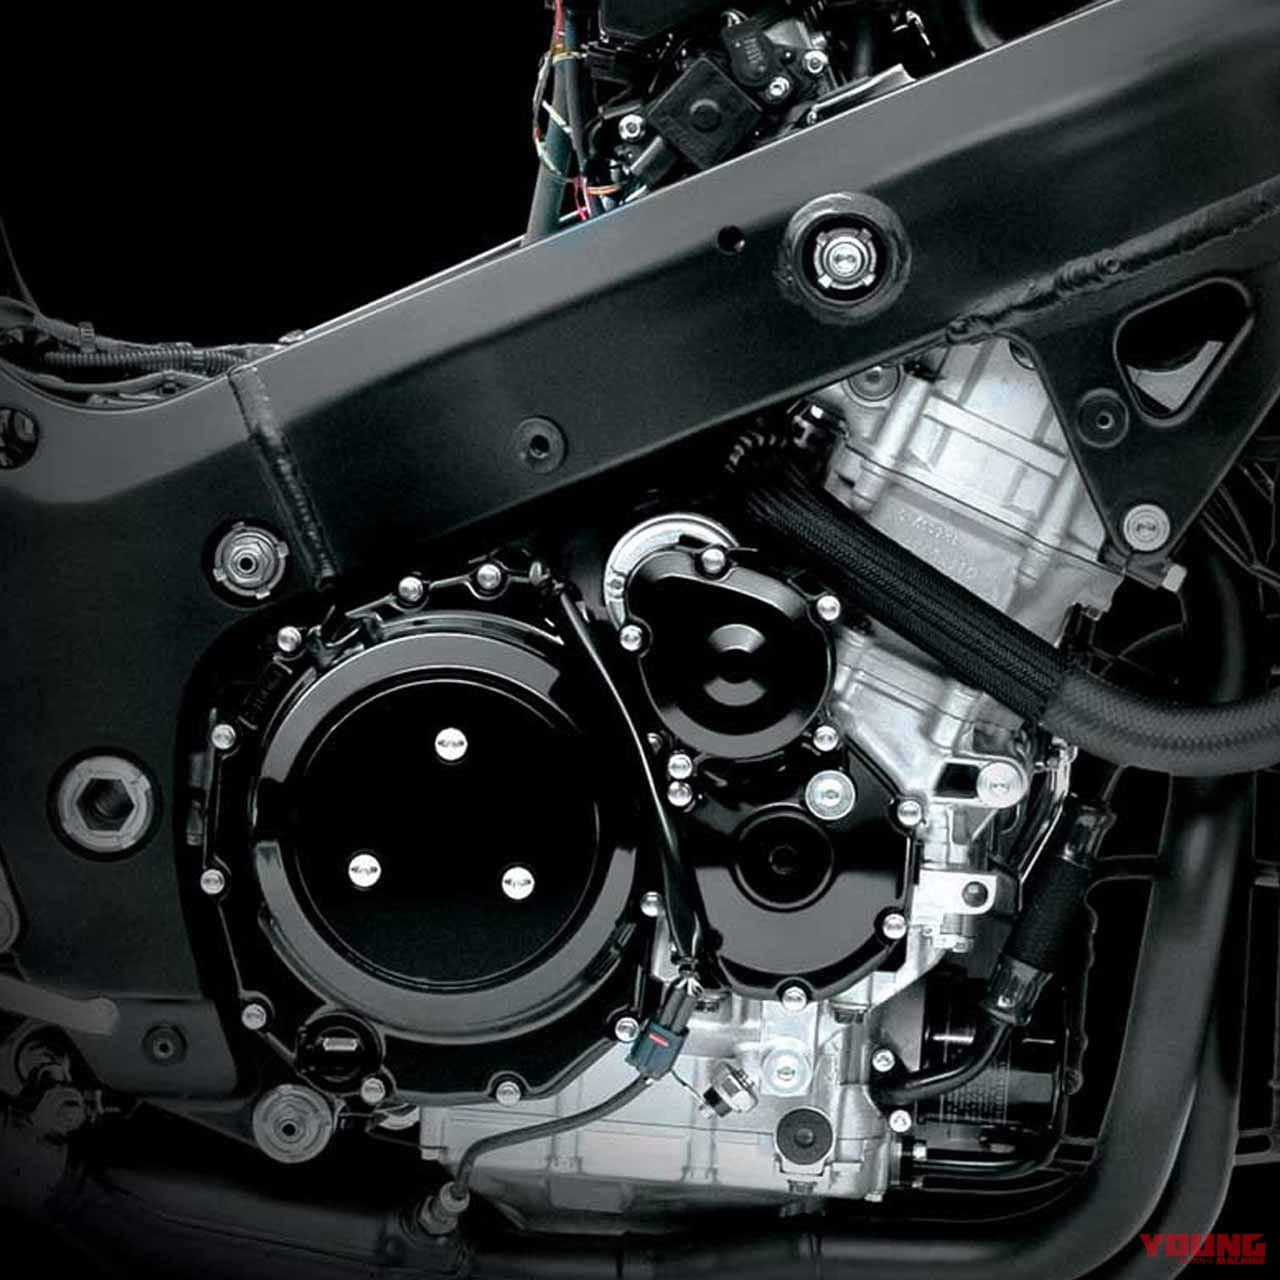 スズキ「シン・ハヤブサ」エンジン完全解説【数十万km楽しめるよう、内部パーツをほぼ全面刷新】